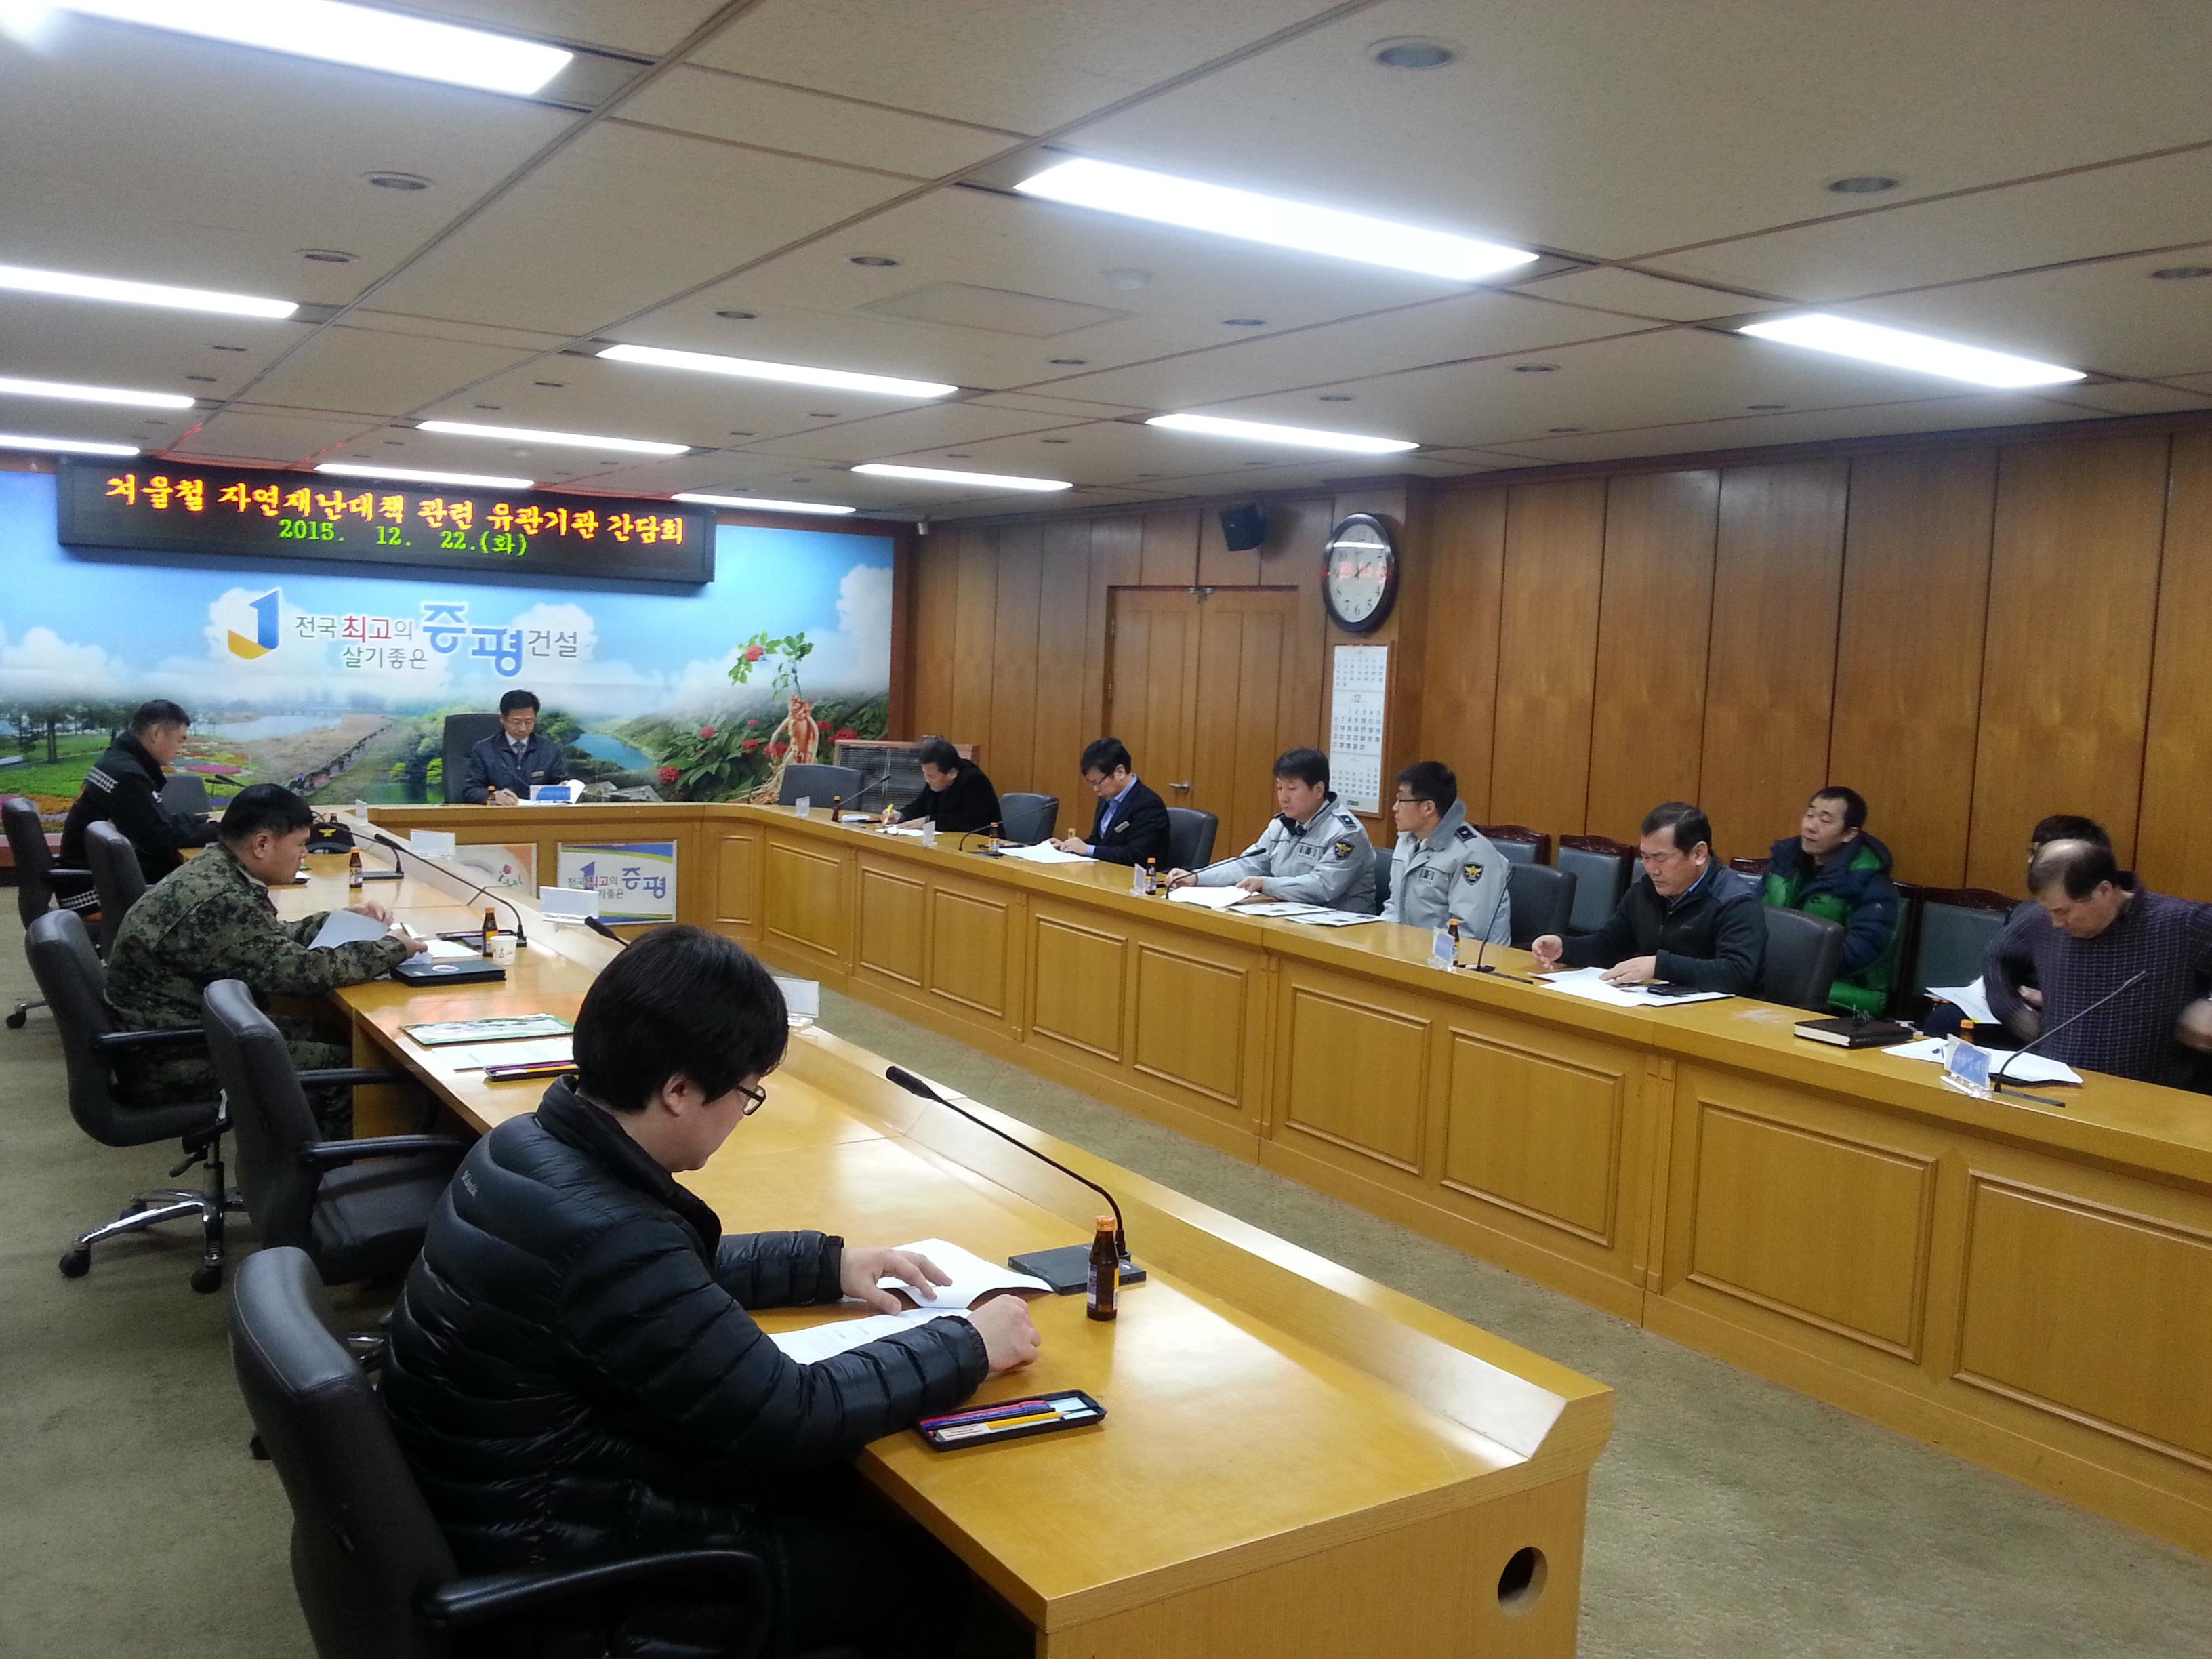 겨울철 재난 대비 관계기관 간담회 개최 [이미지]